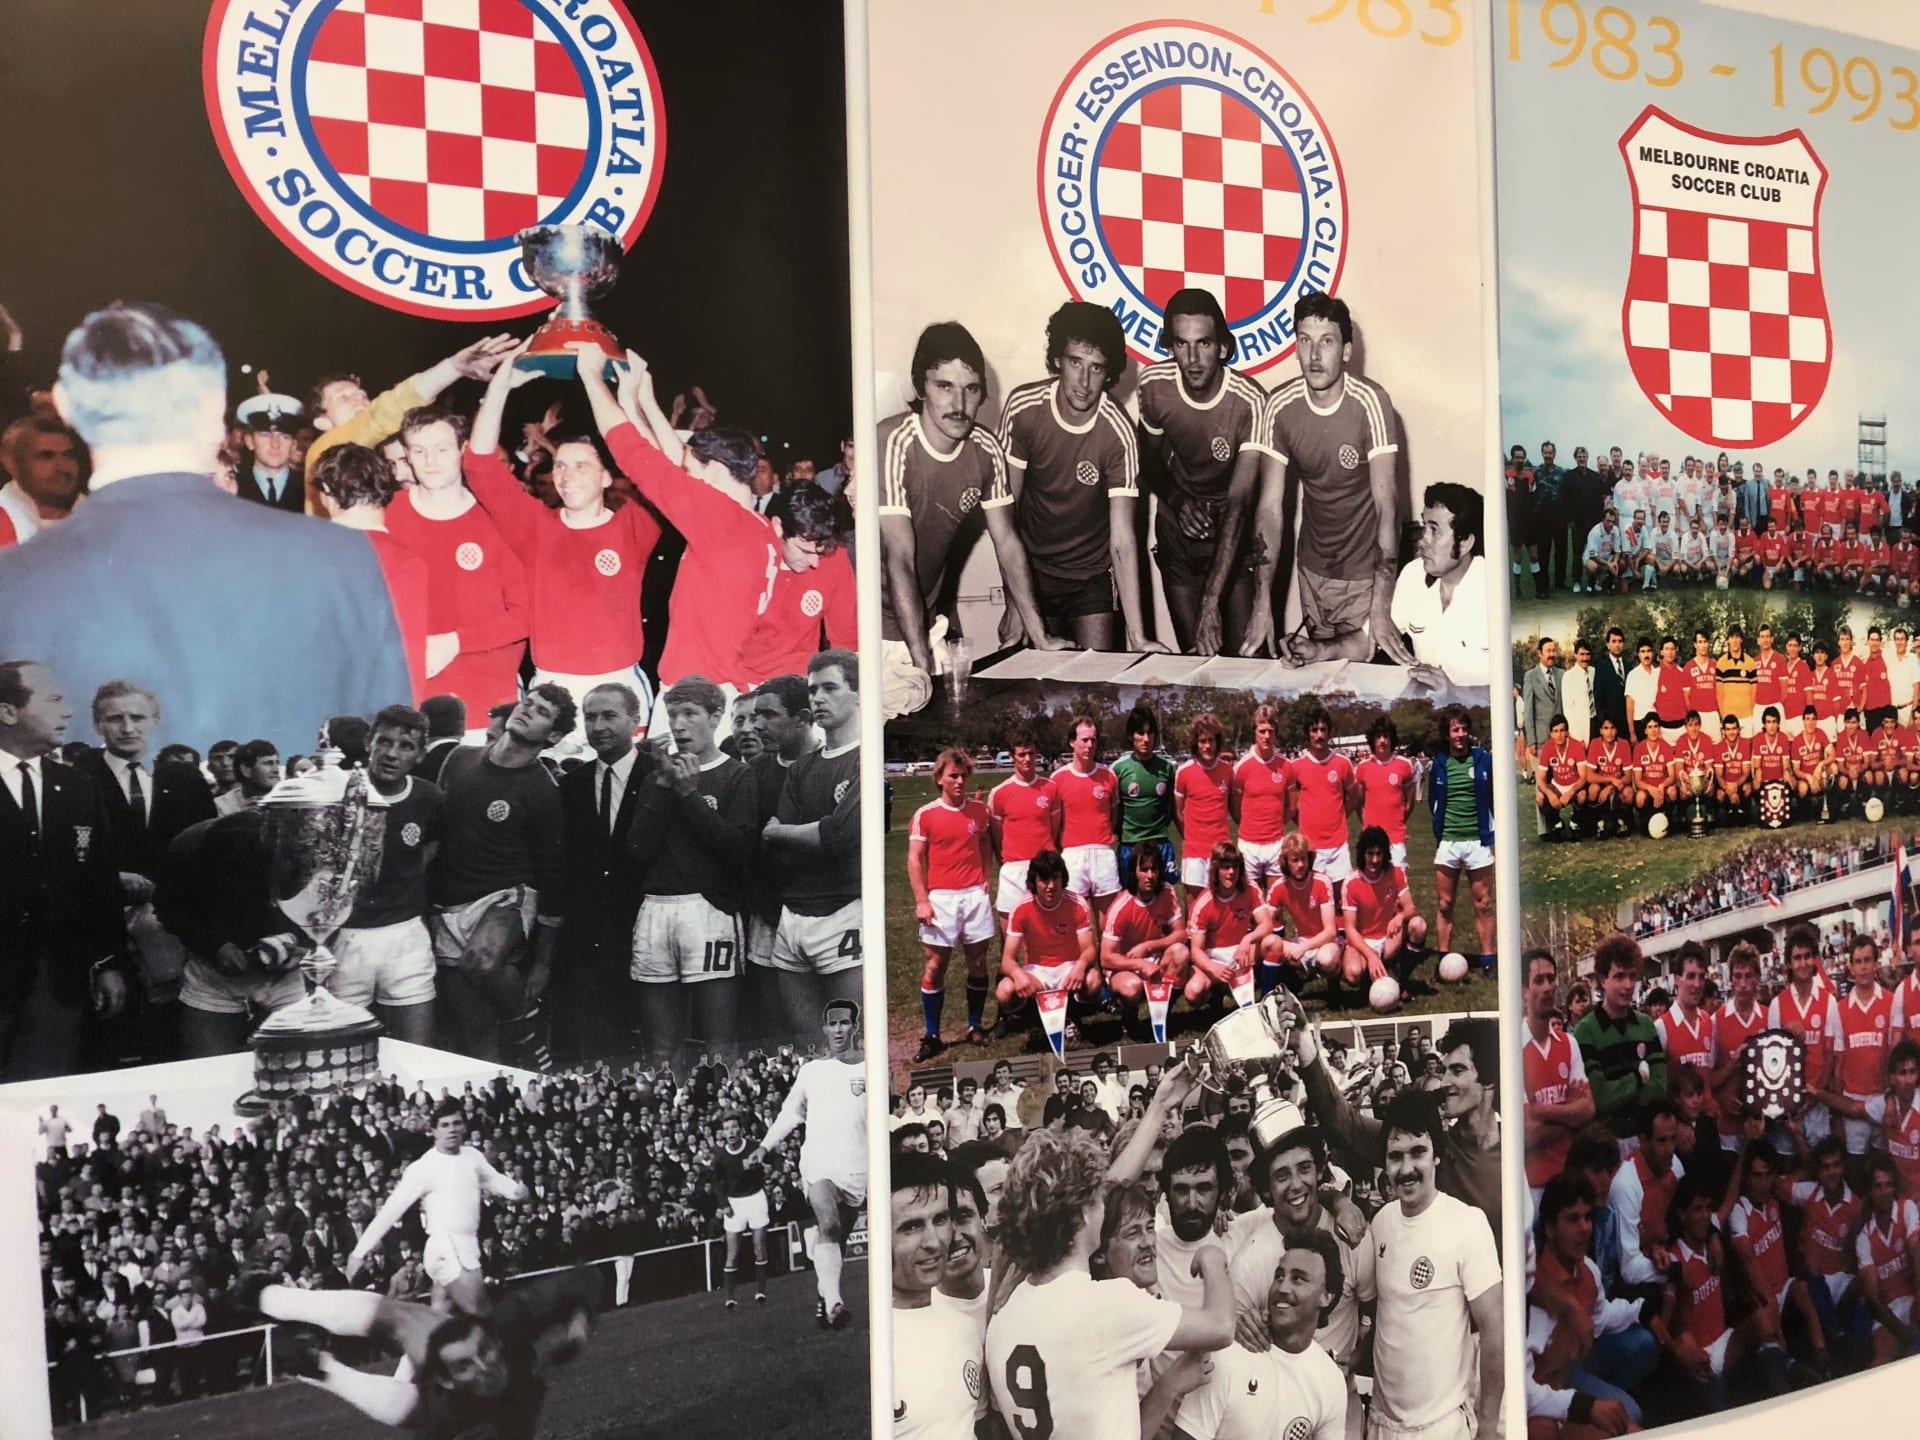 Melbourne Croatia ima najtrofejniju povijest, Fito: Glas Hrvatske/Damir Posavac